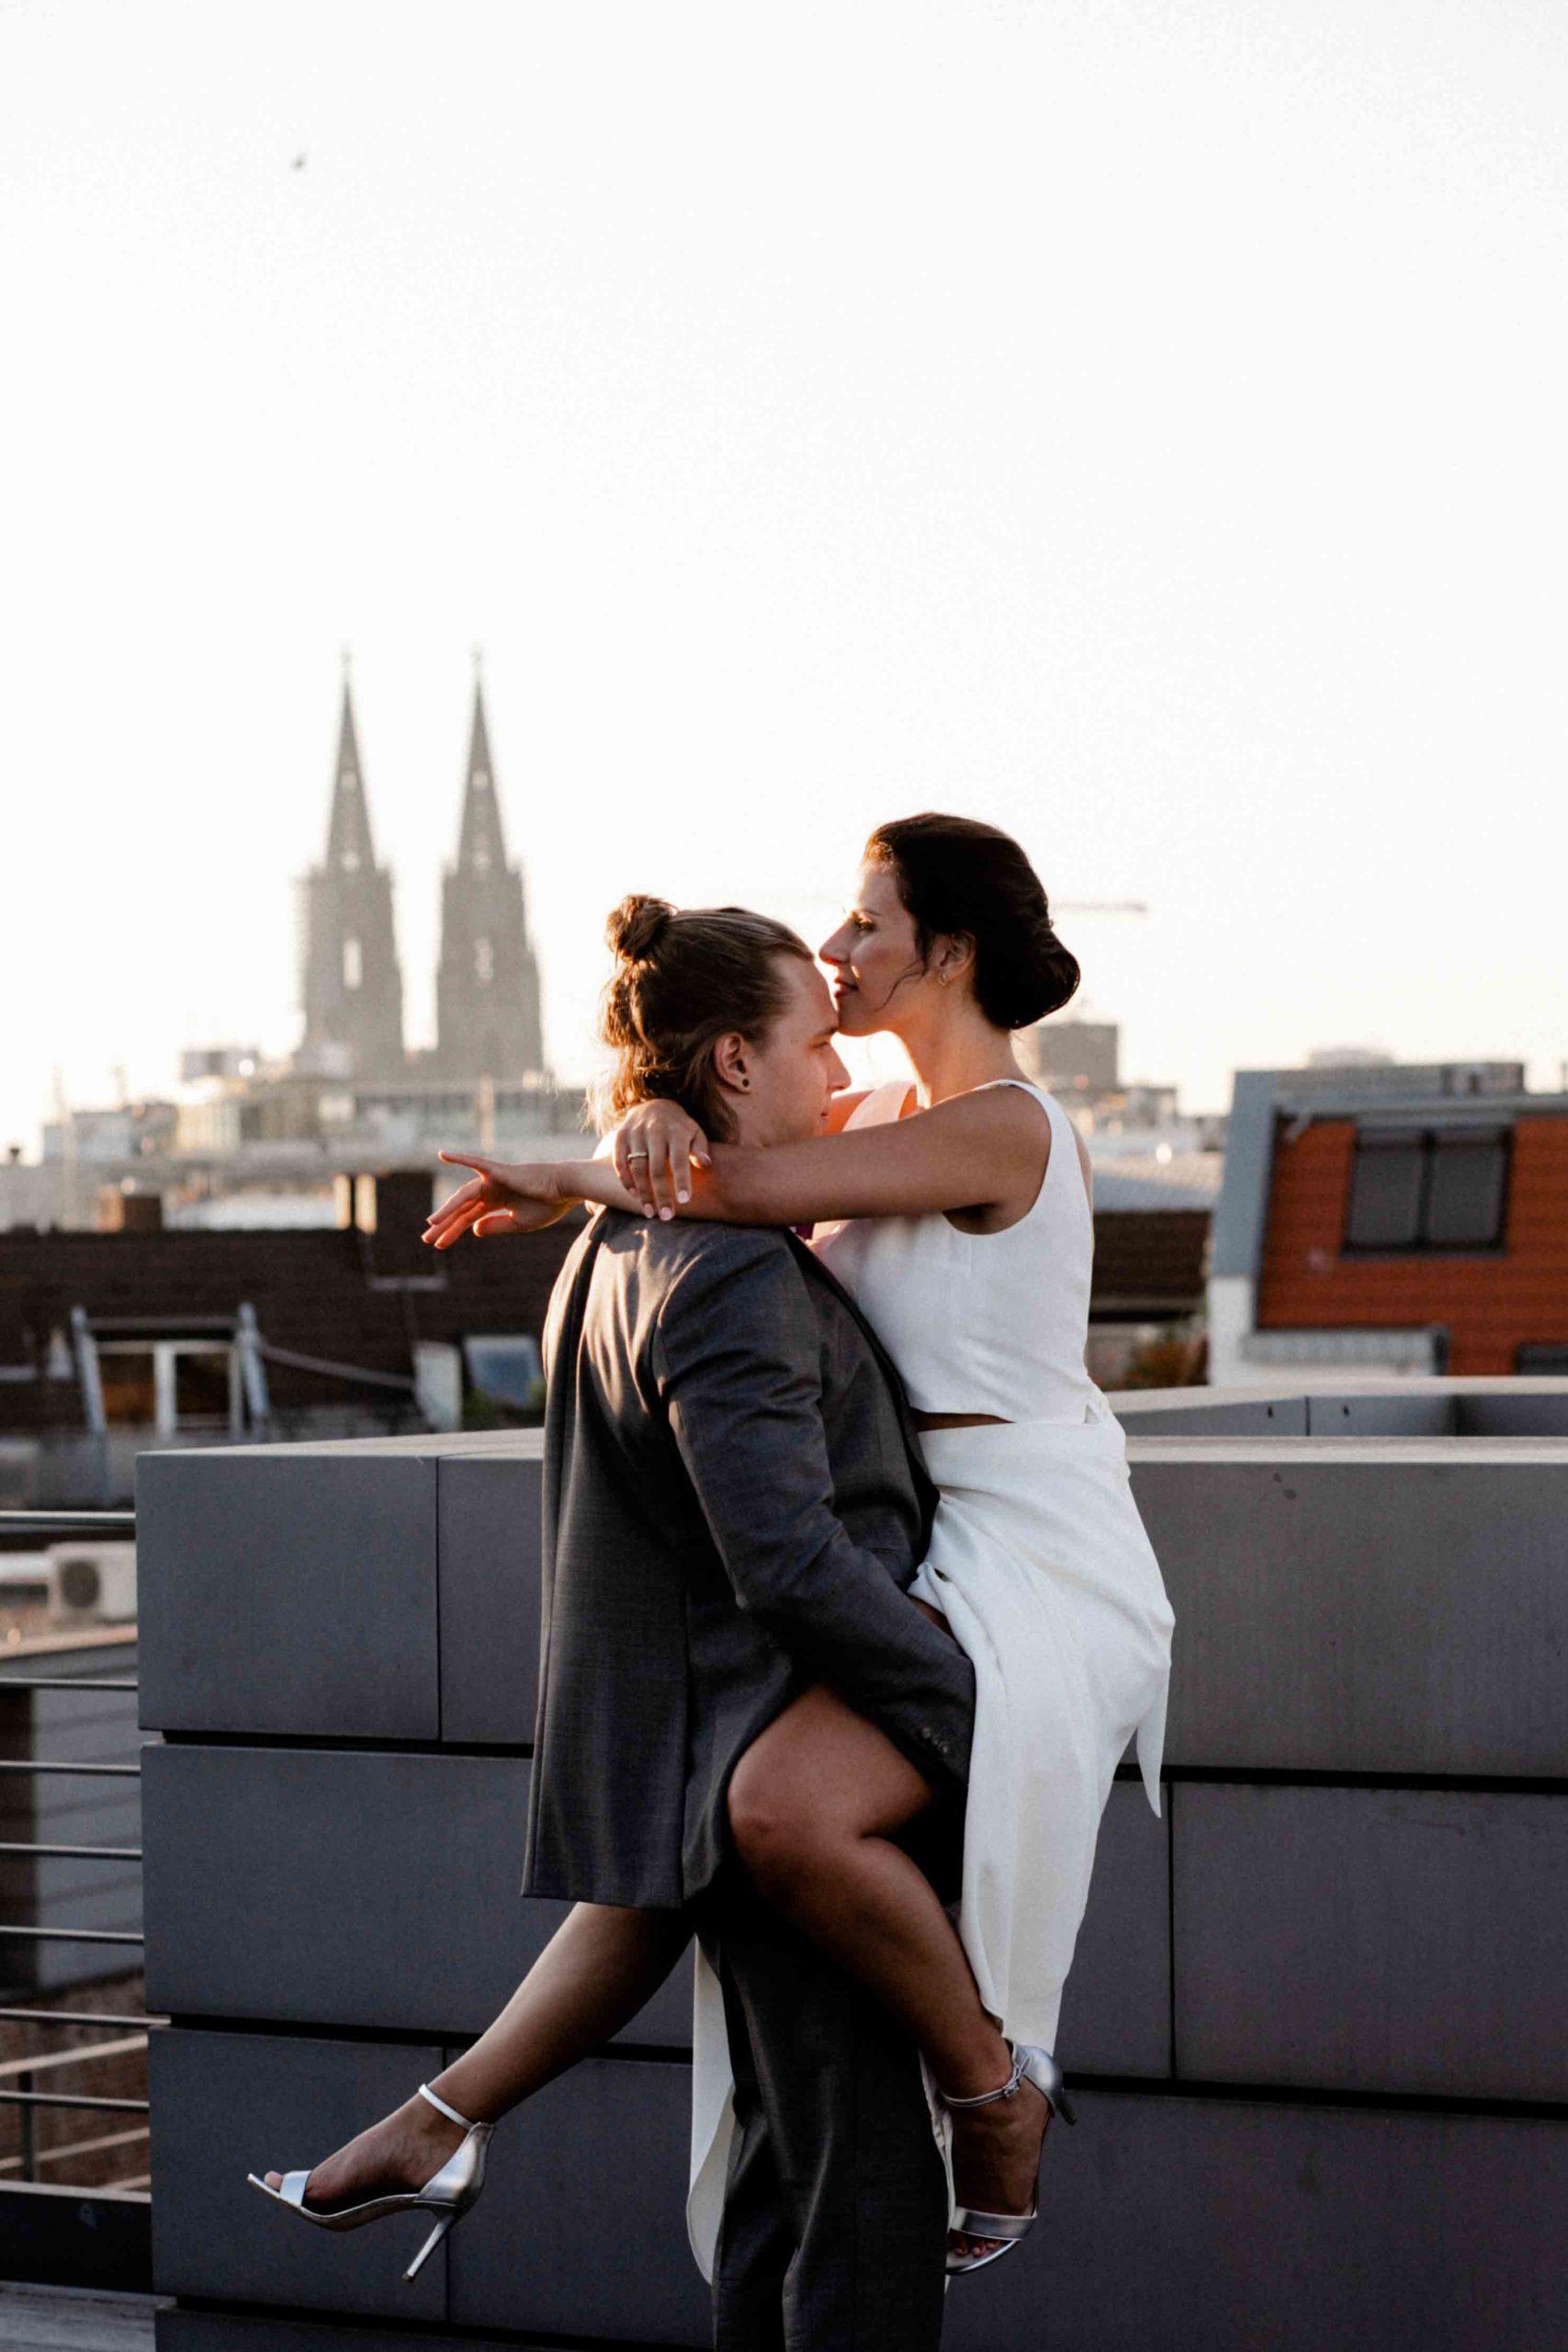 Styled Shoot Brautpaar sich umarmend auf Hochhausterrasse, mit Großstadtdächern und Kölner Domspitzen im Hintergrund